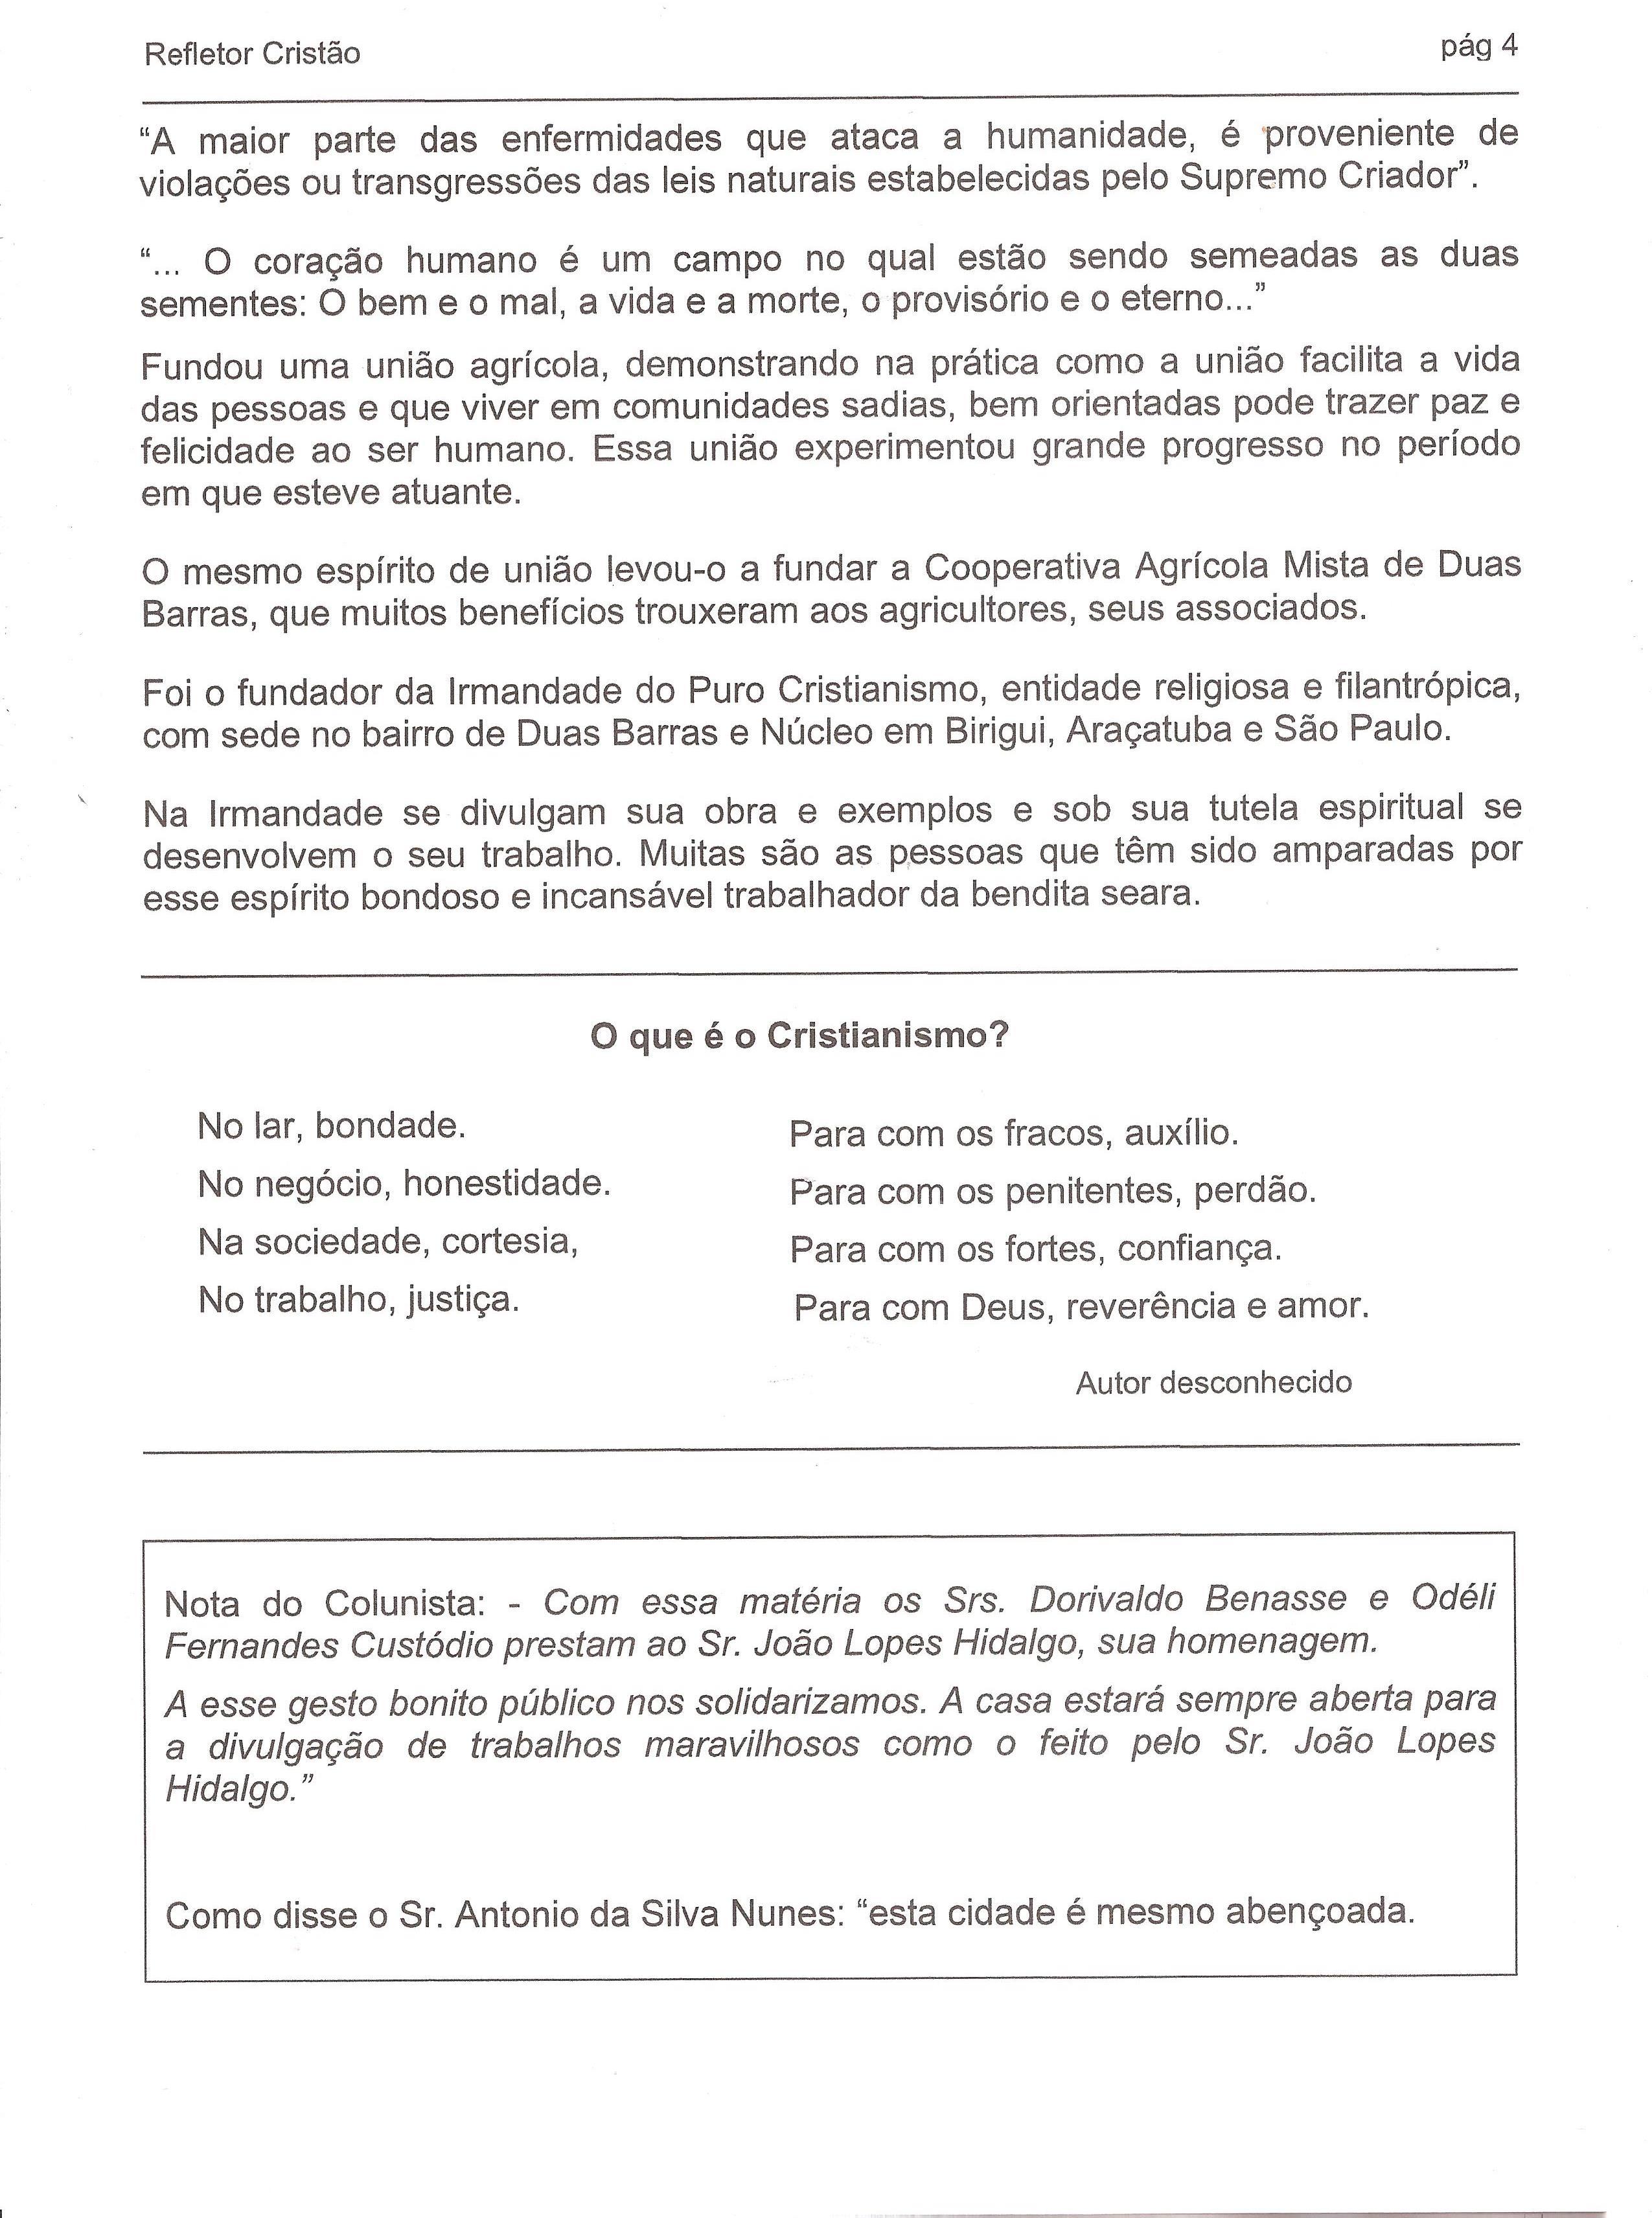 REFLETOR CRISTÃO 2020 -PAG 4